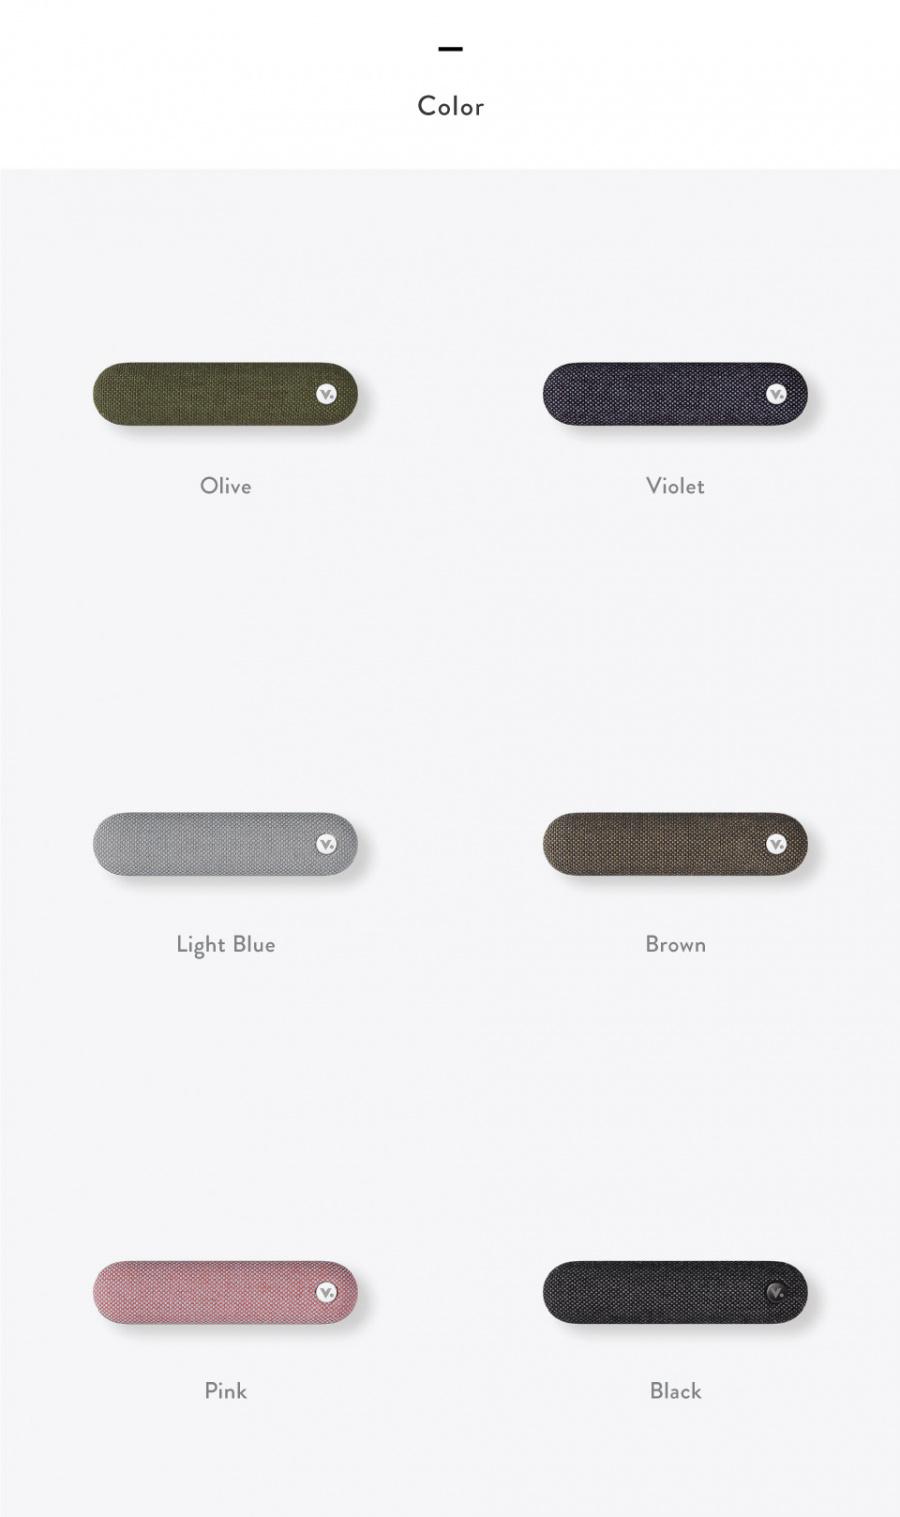 비스틱(VISTIC) 비스틱/차량용 방향제/통풍구타입/블랙/머스크